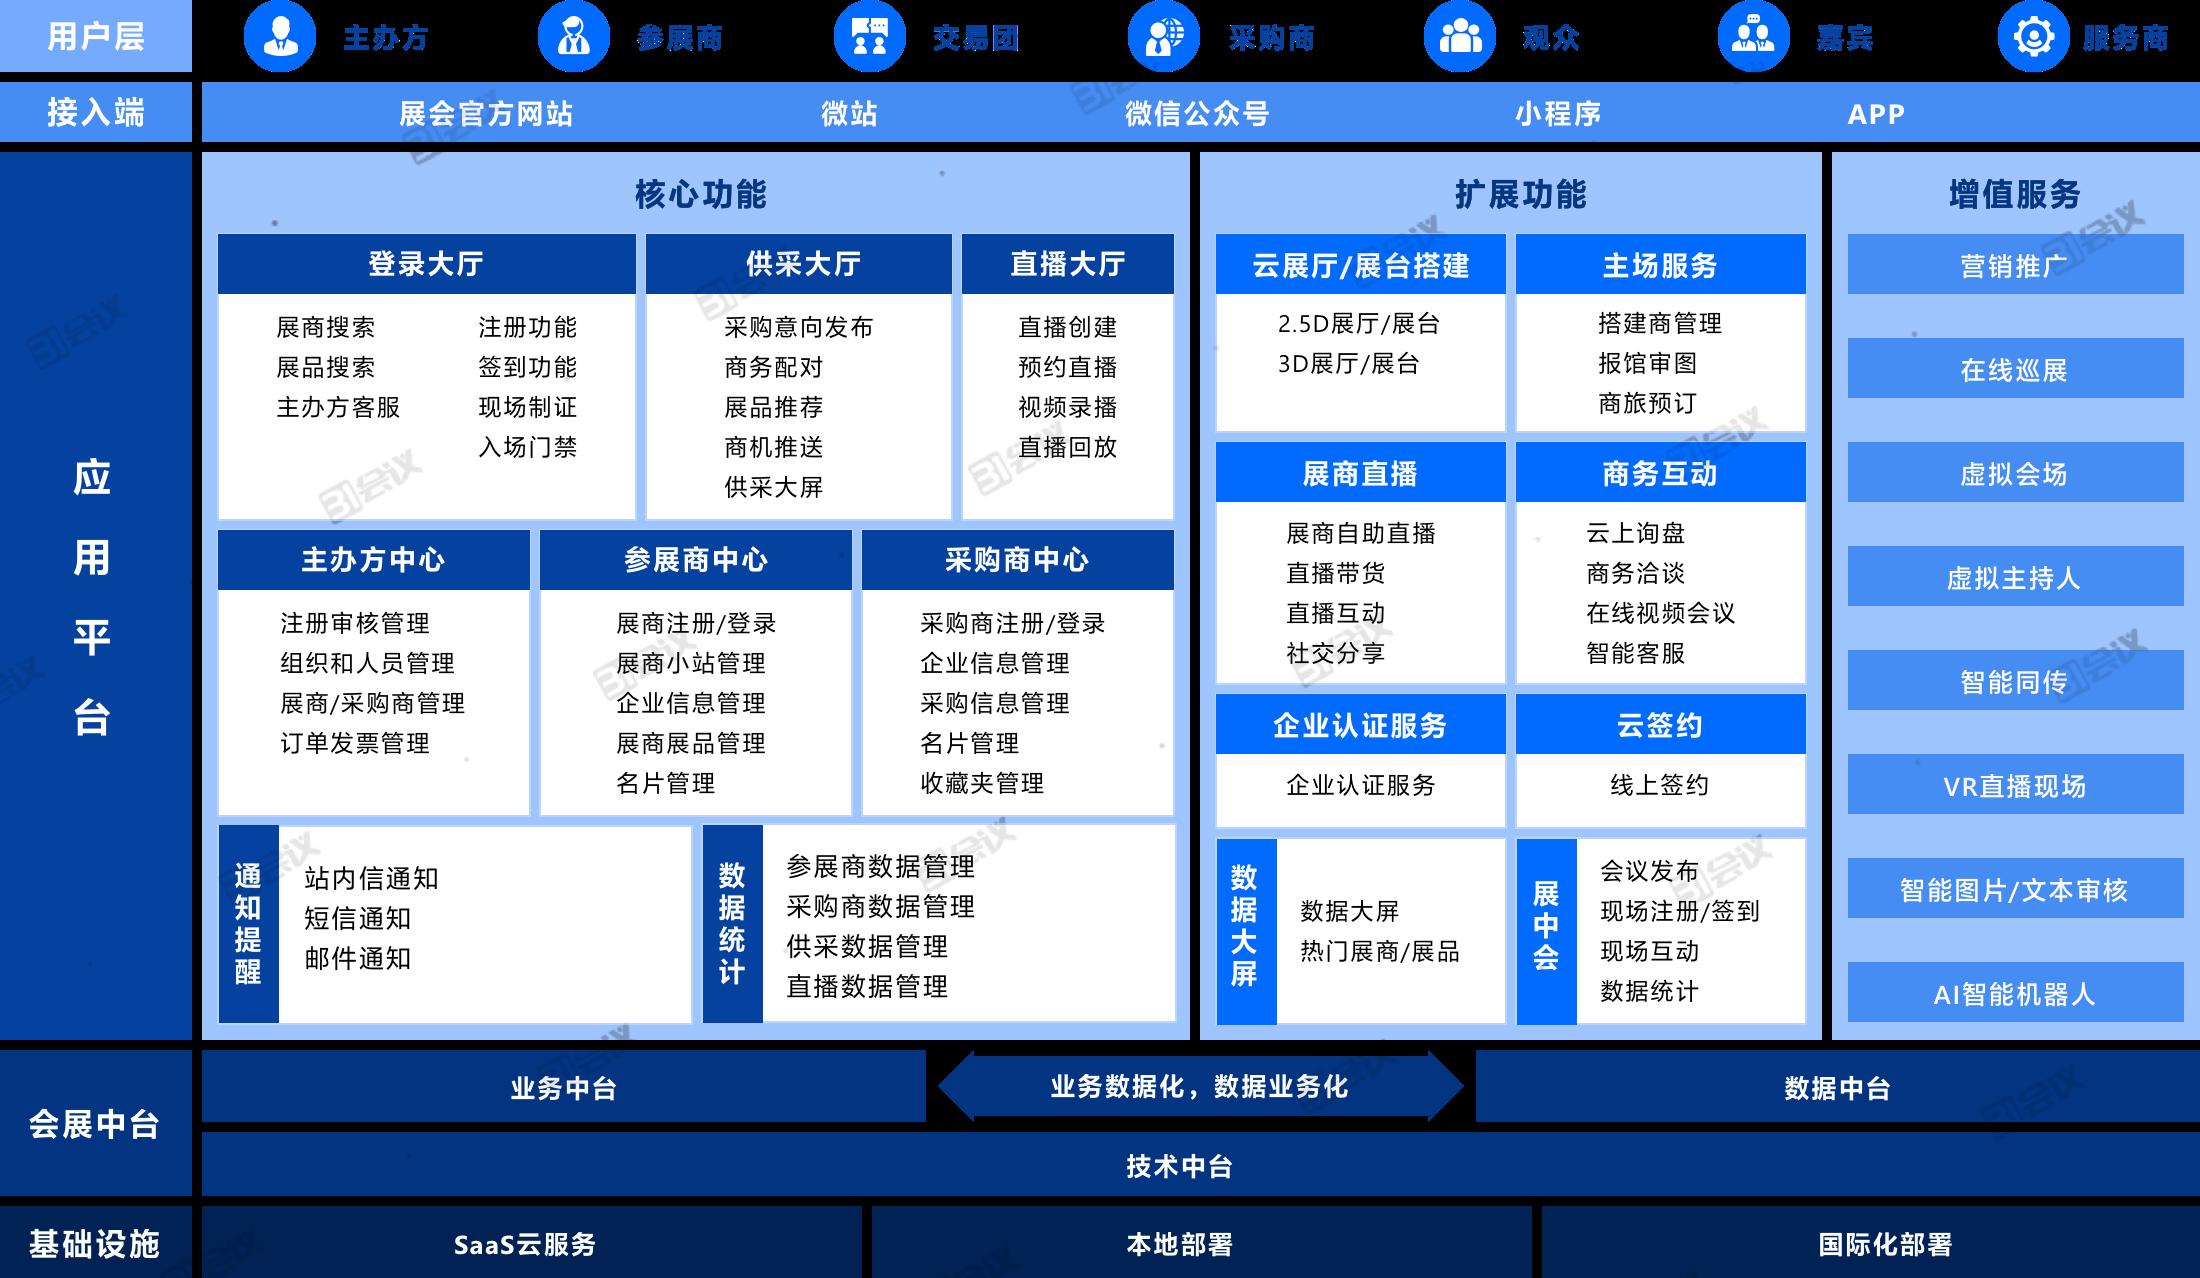 31展览云V2.0-融合智慧展览管理系统_副本.png